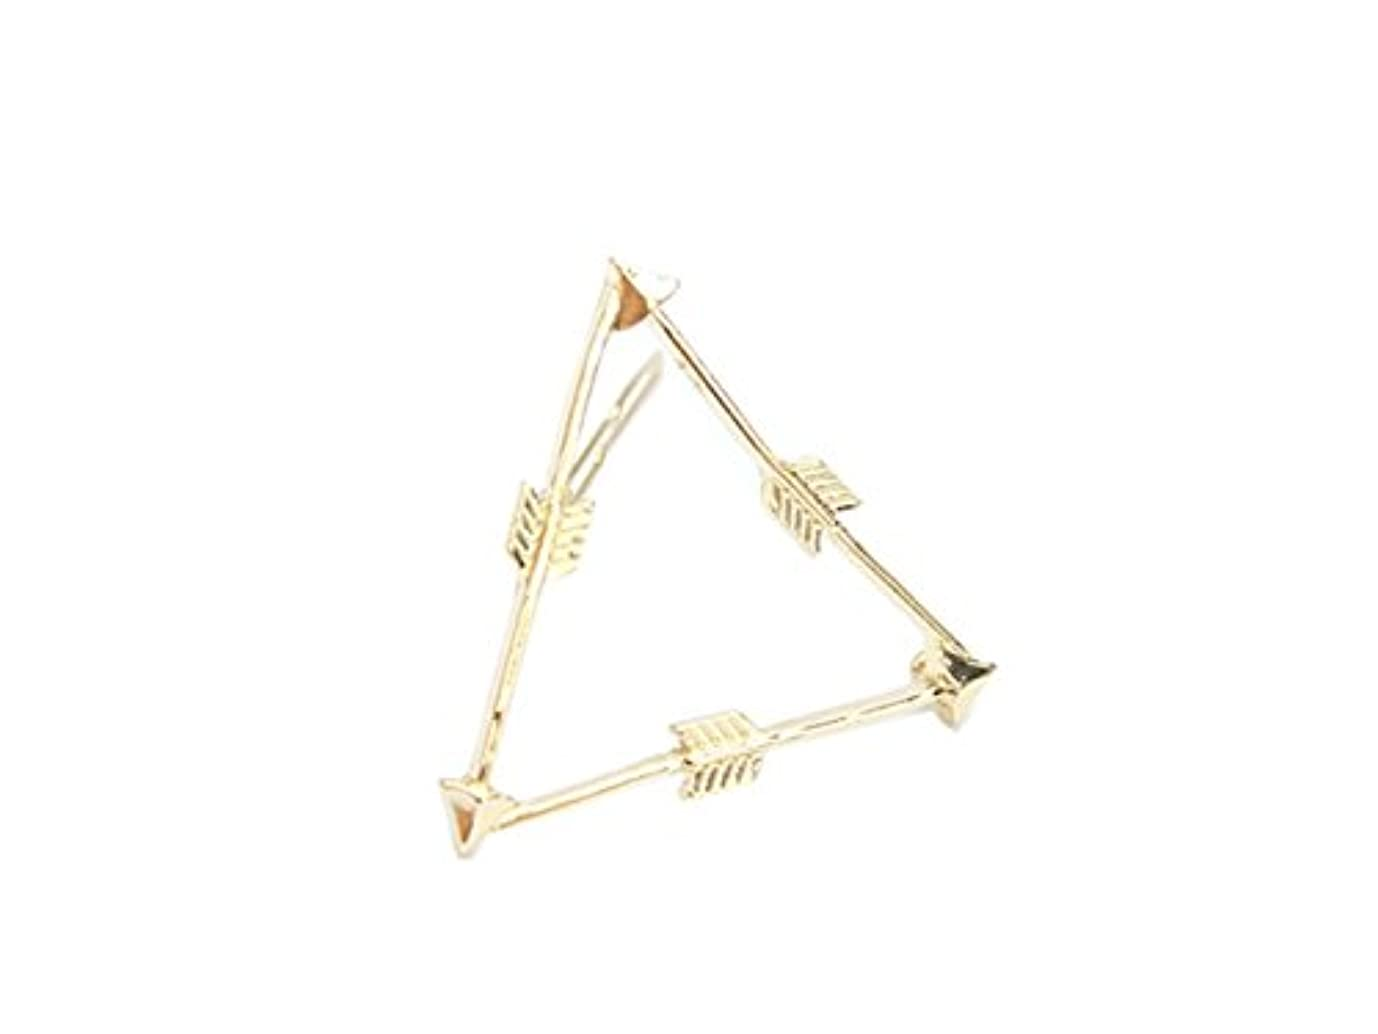 ブラウズ書く構築するOsize 美しいスタイル 弓と矢トライアングルヘアクリップサイドクリップヘアピンヘアアクセサリー(図示)